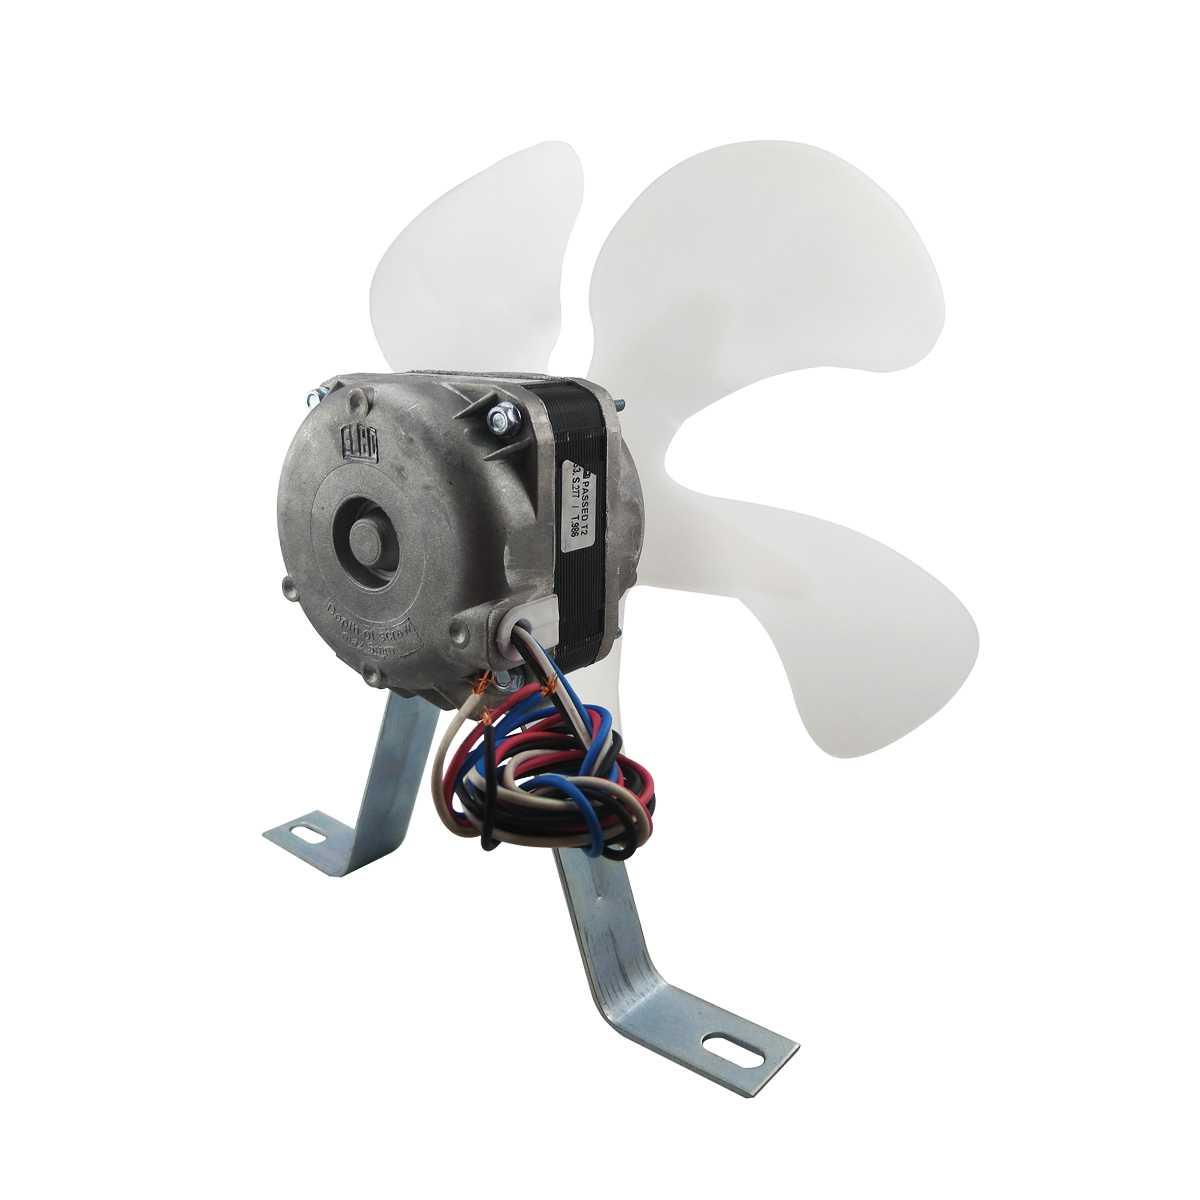 Micro Motor Elco 1/25 Bivolts